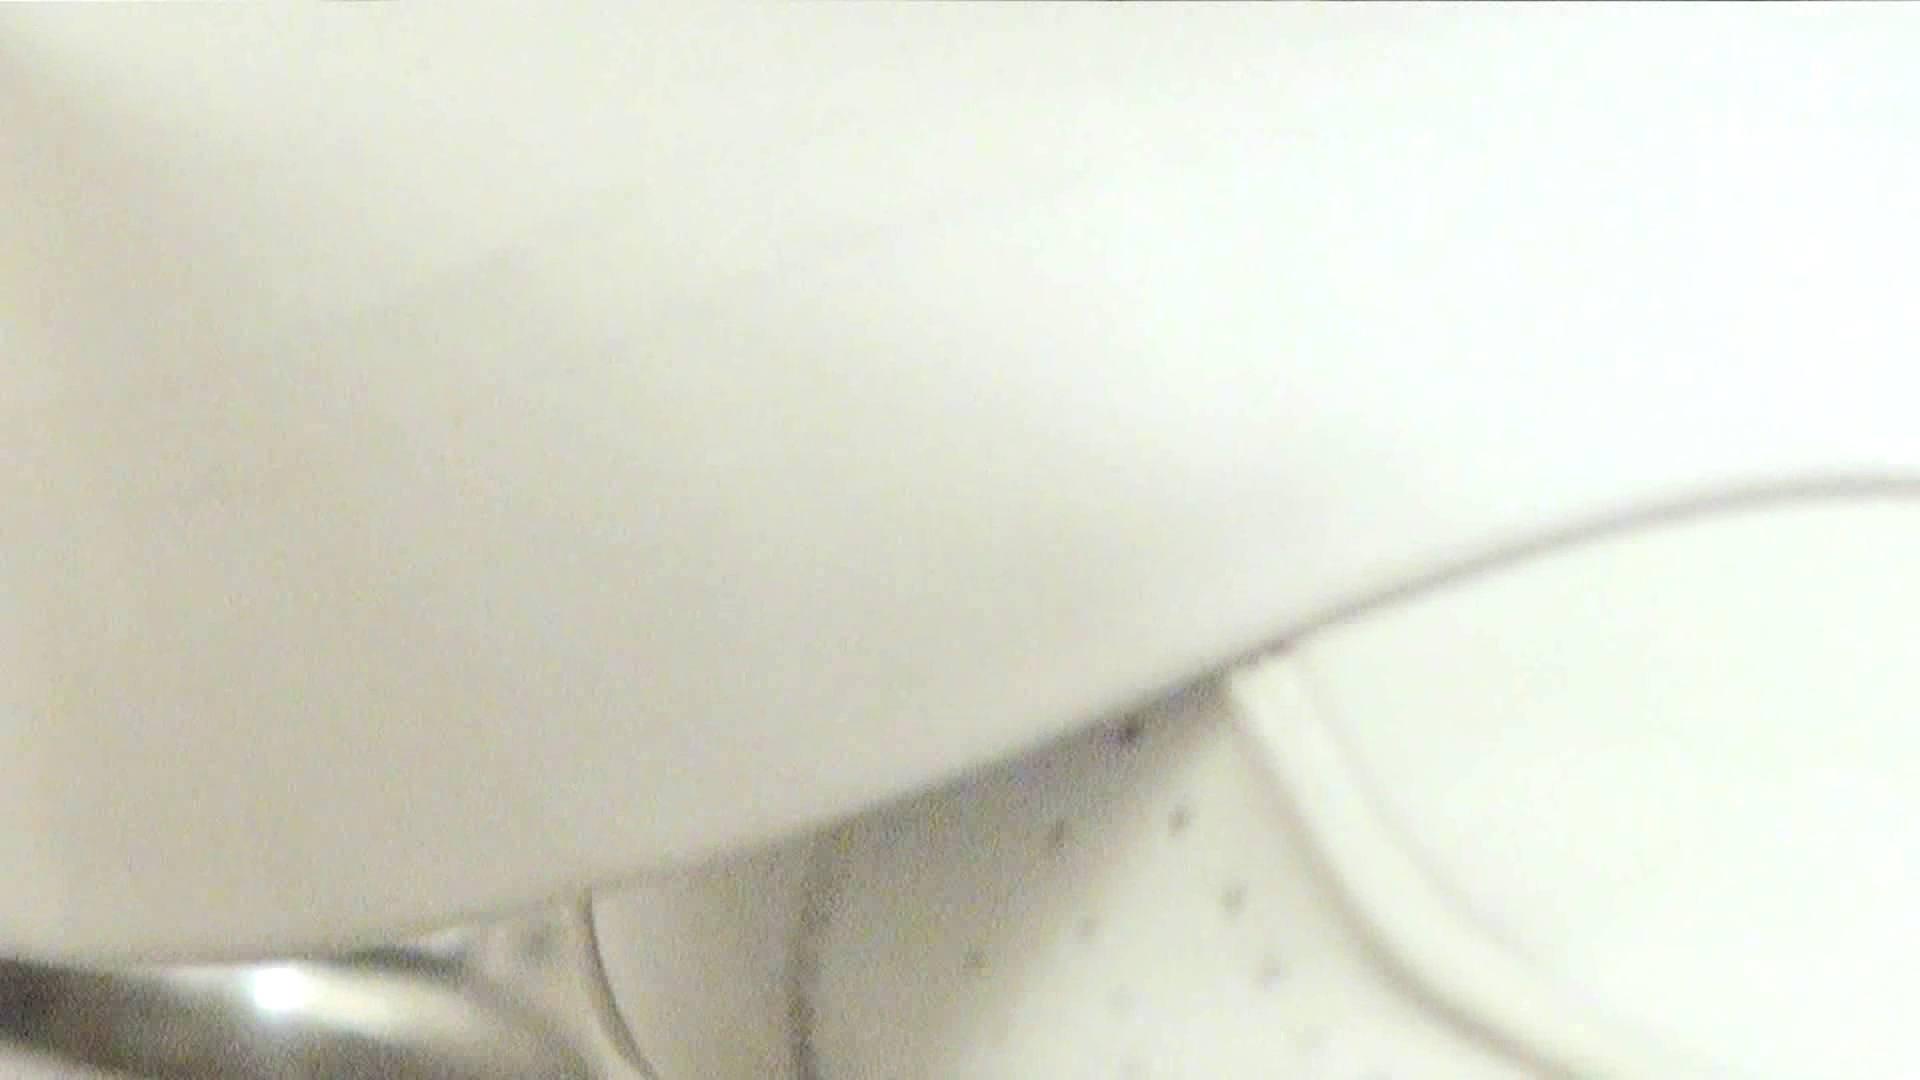 ナースのお小水 vol.005 ナースハメ撮り  110Pix 18